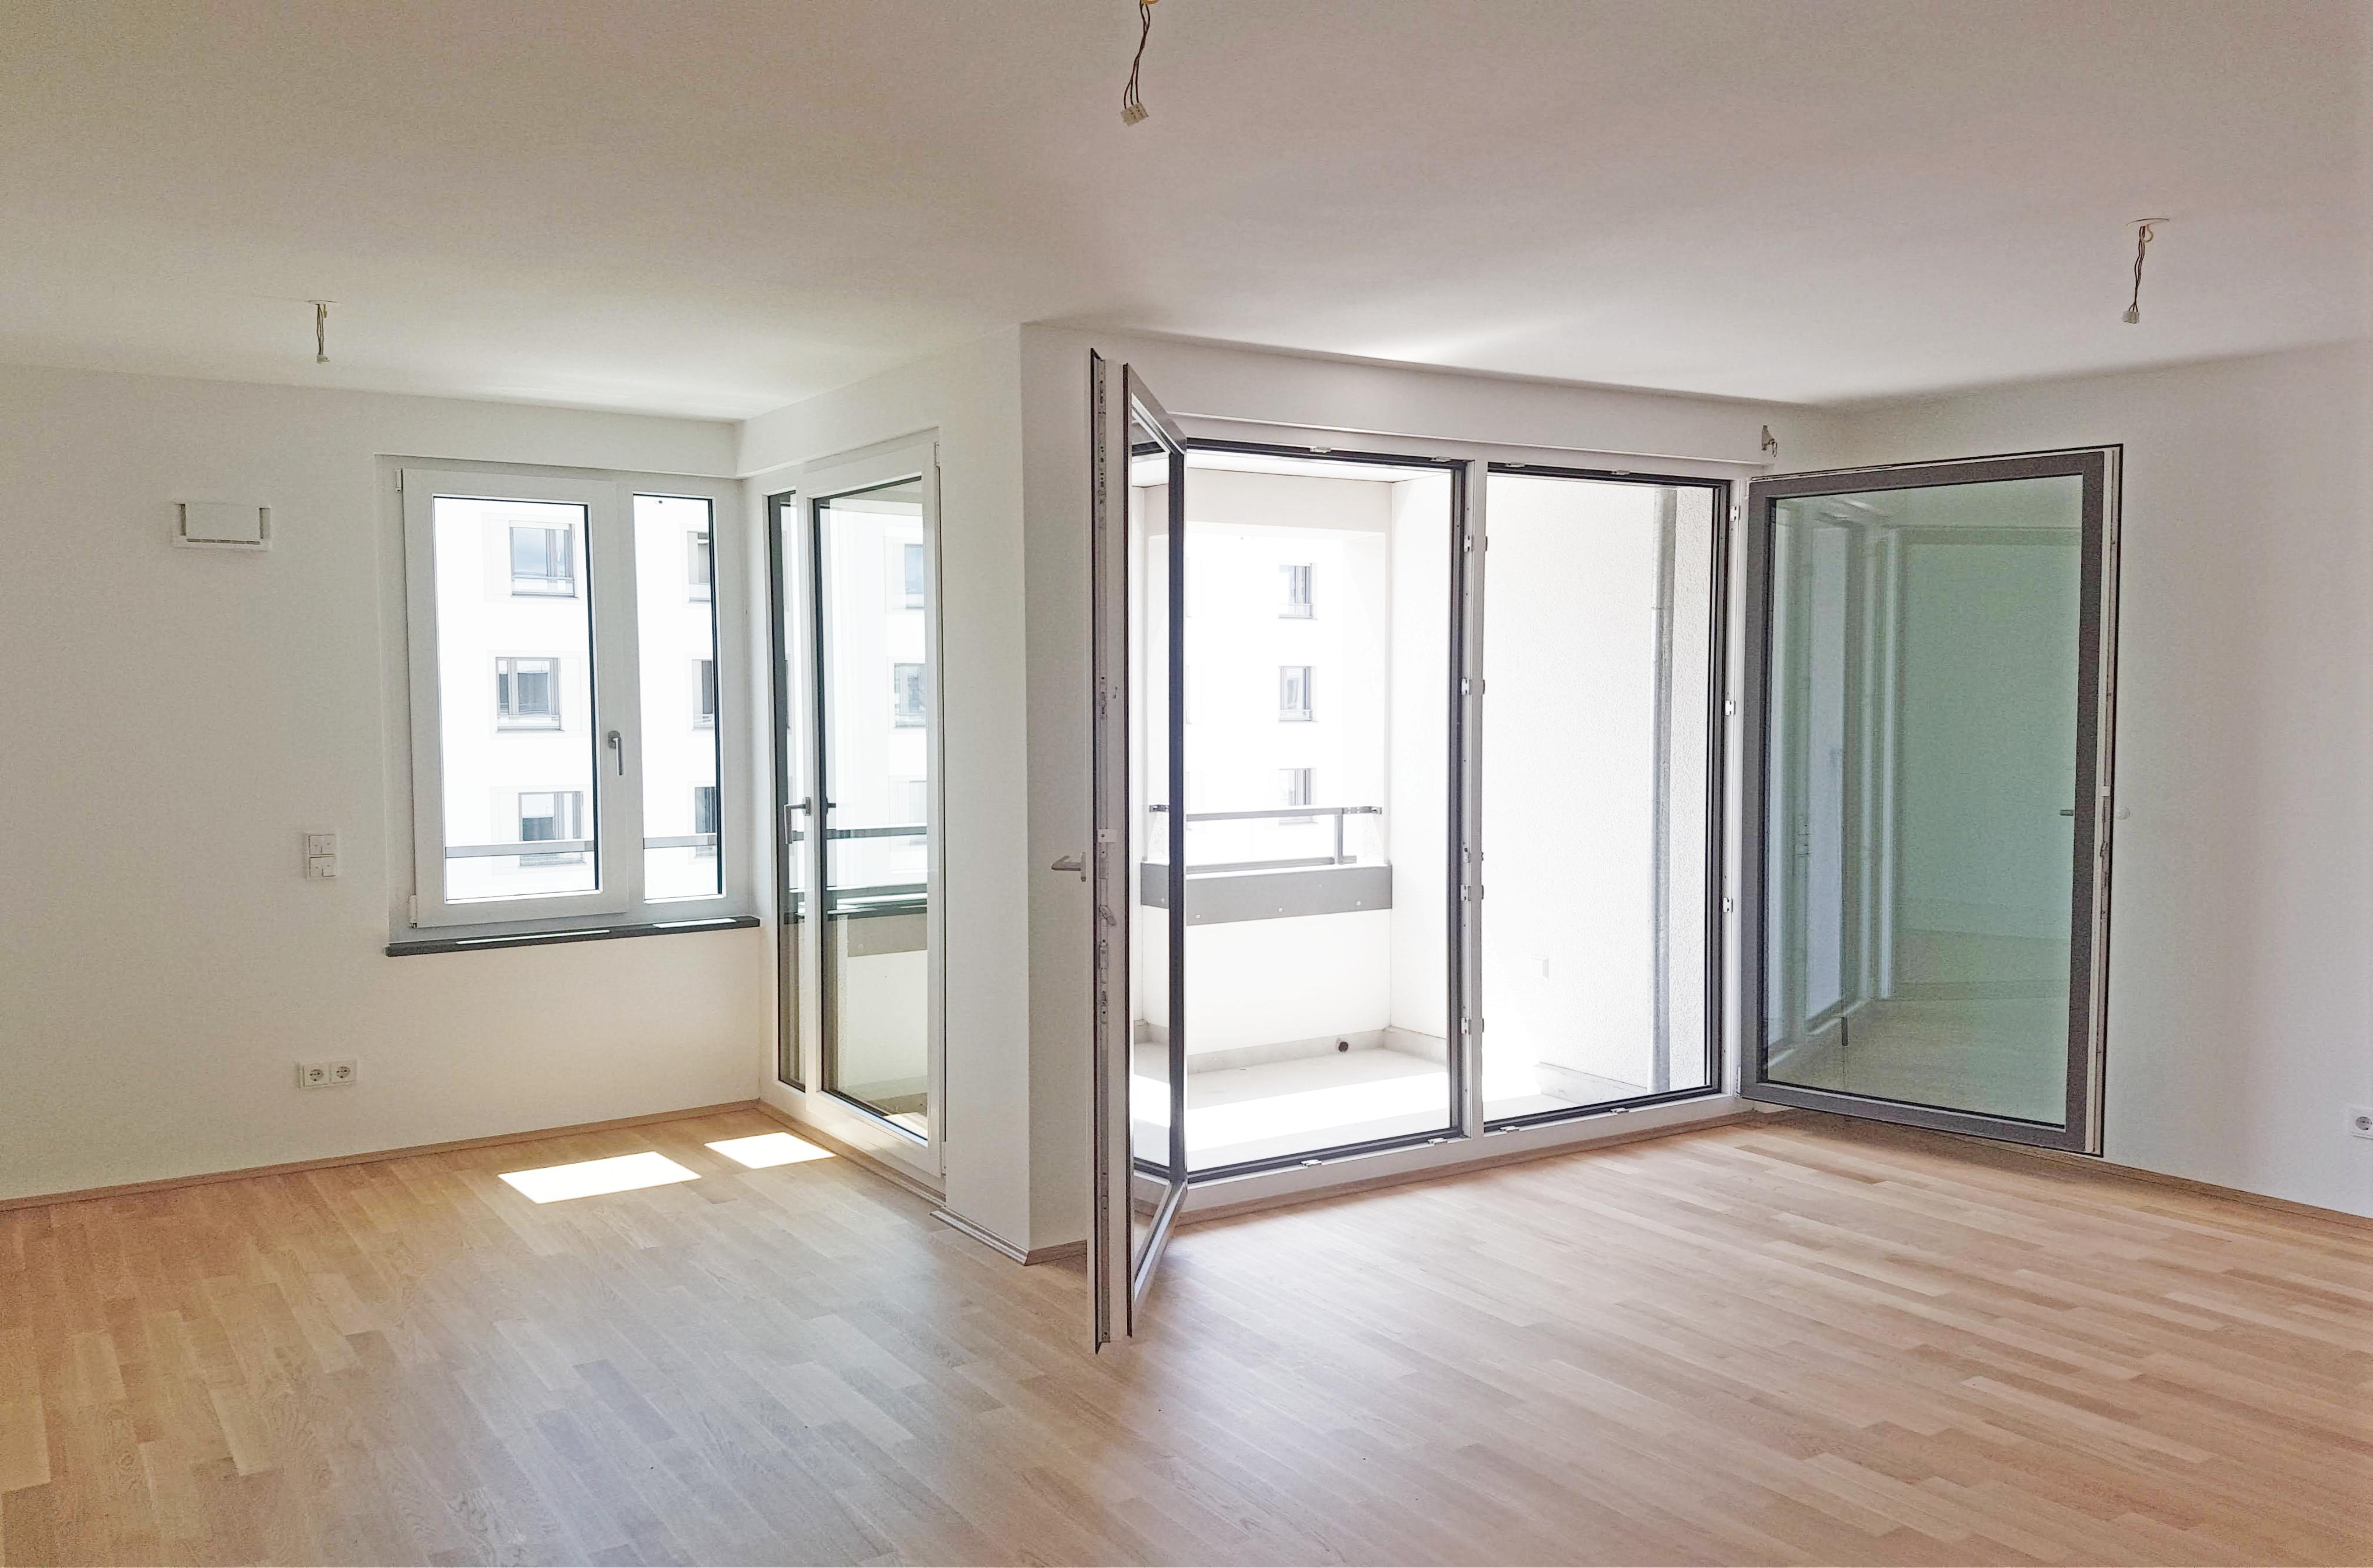 3 zimmer wohnung erstbezug m nchen neuhausen butschal. Black Bedroom Furniture Sets. Home Design Ideas